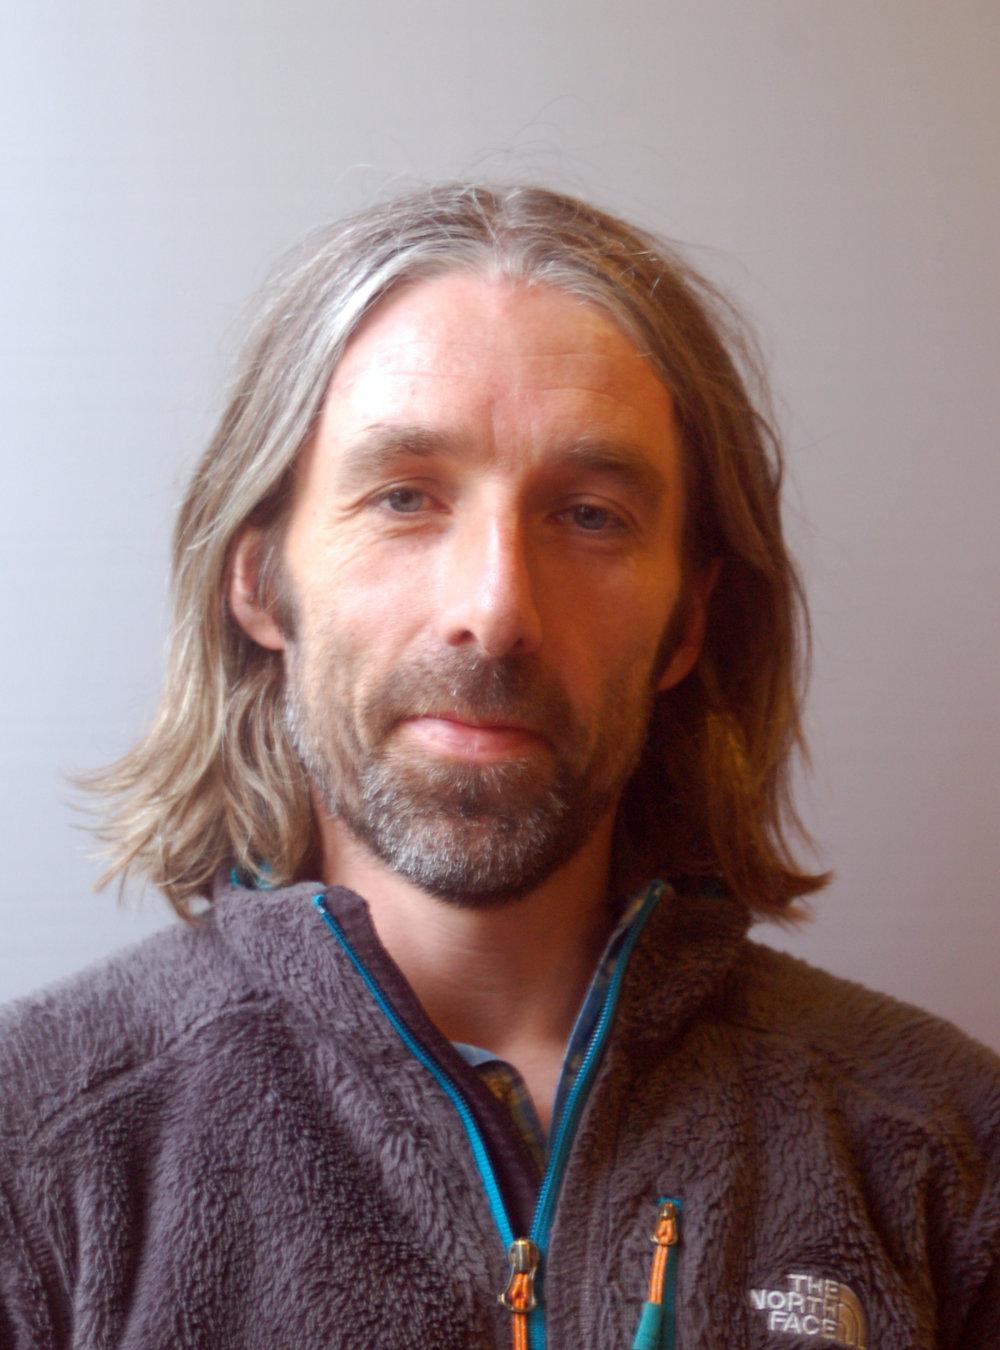 Kurt Are Lona Linjelærer Adrenalin og villmark.Utdannet lærer i idrettsfag og Montessoripedagogikk. Lidenskapelig laksefisker og pudderkjører.